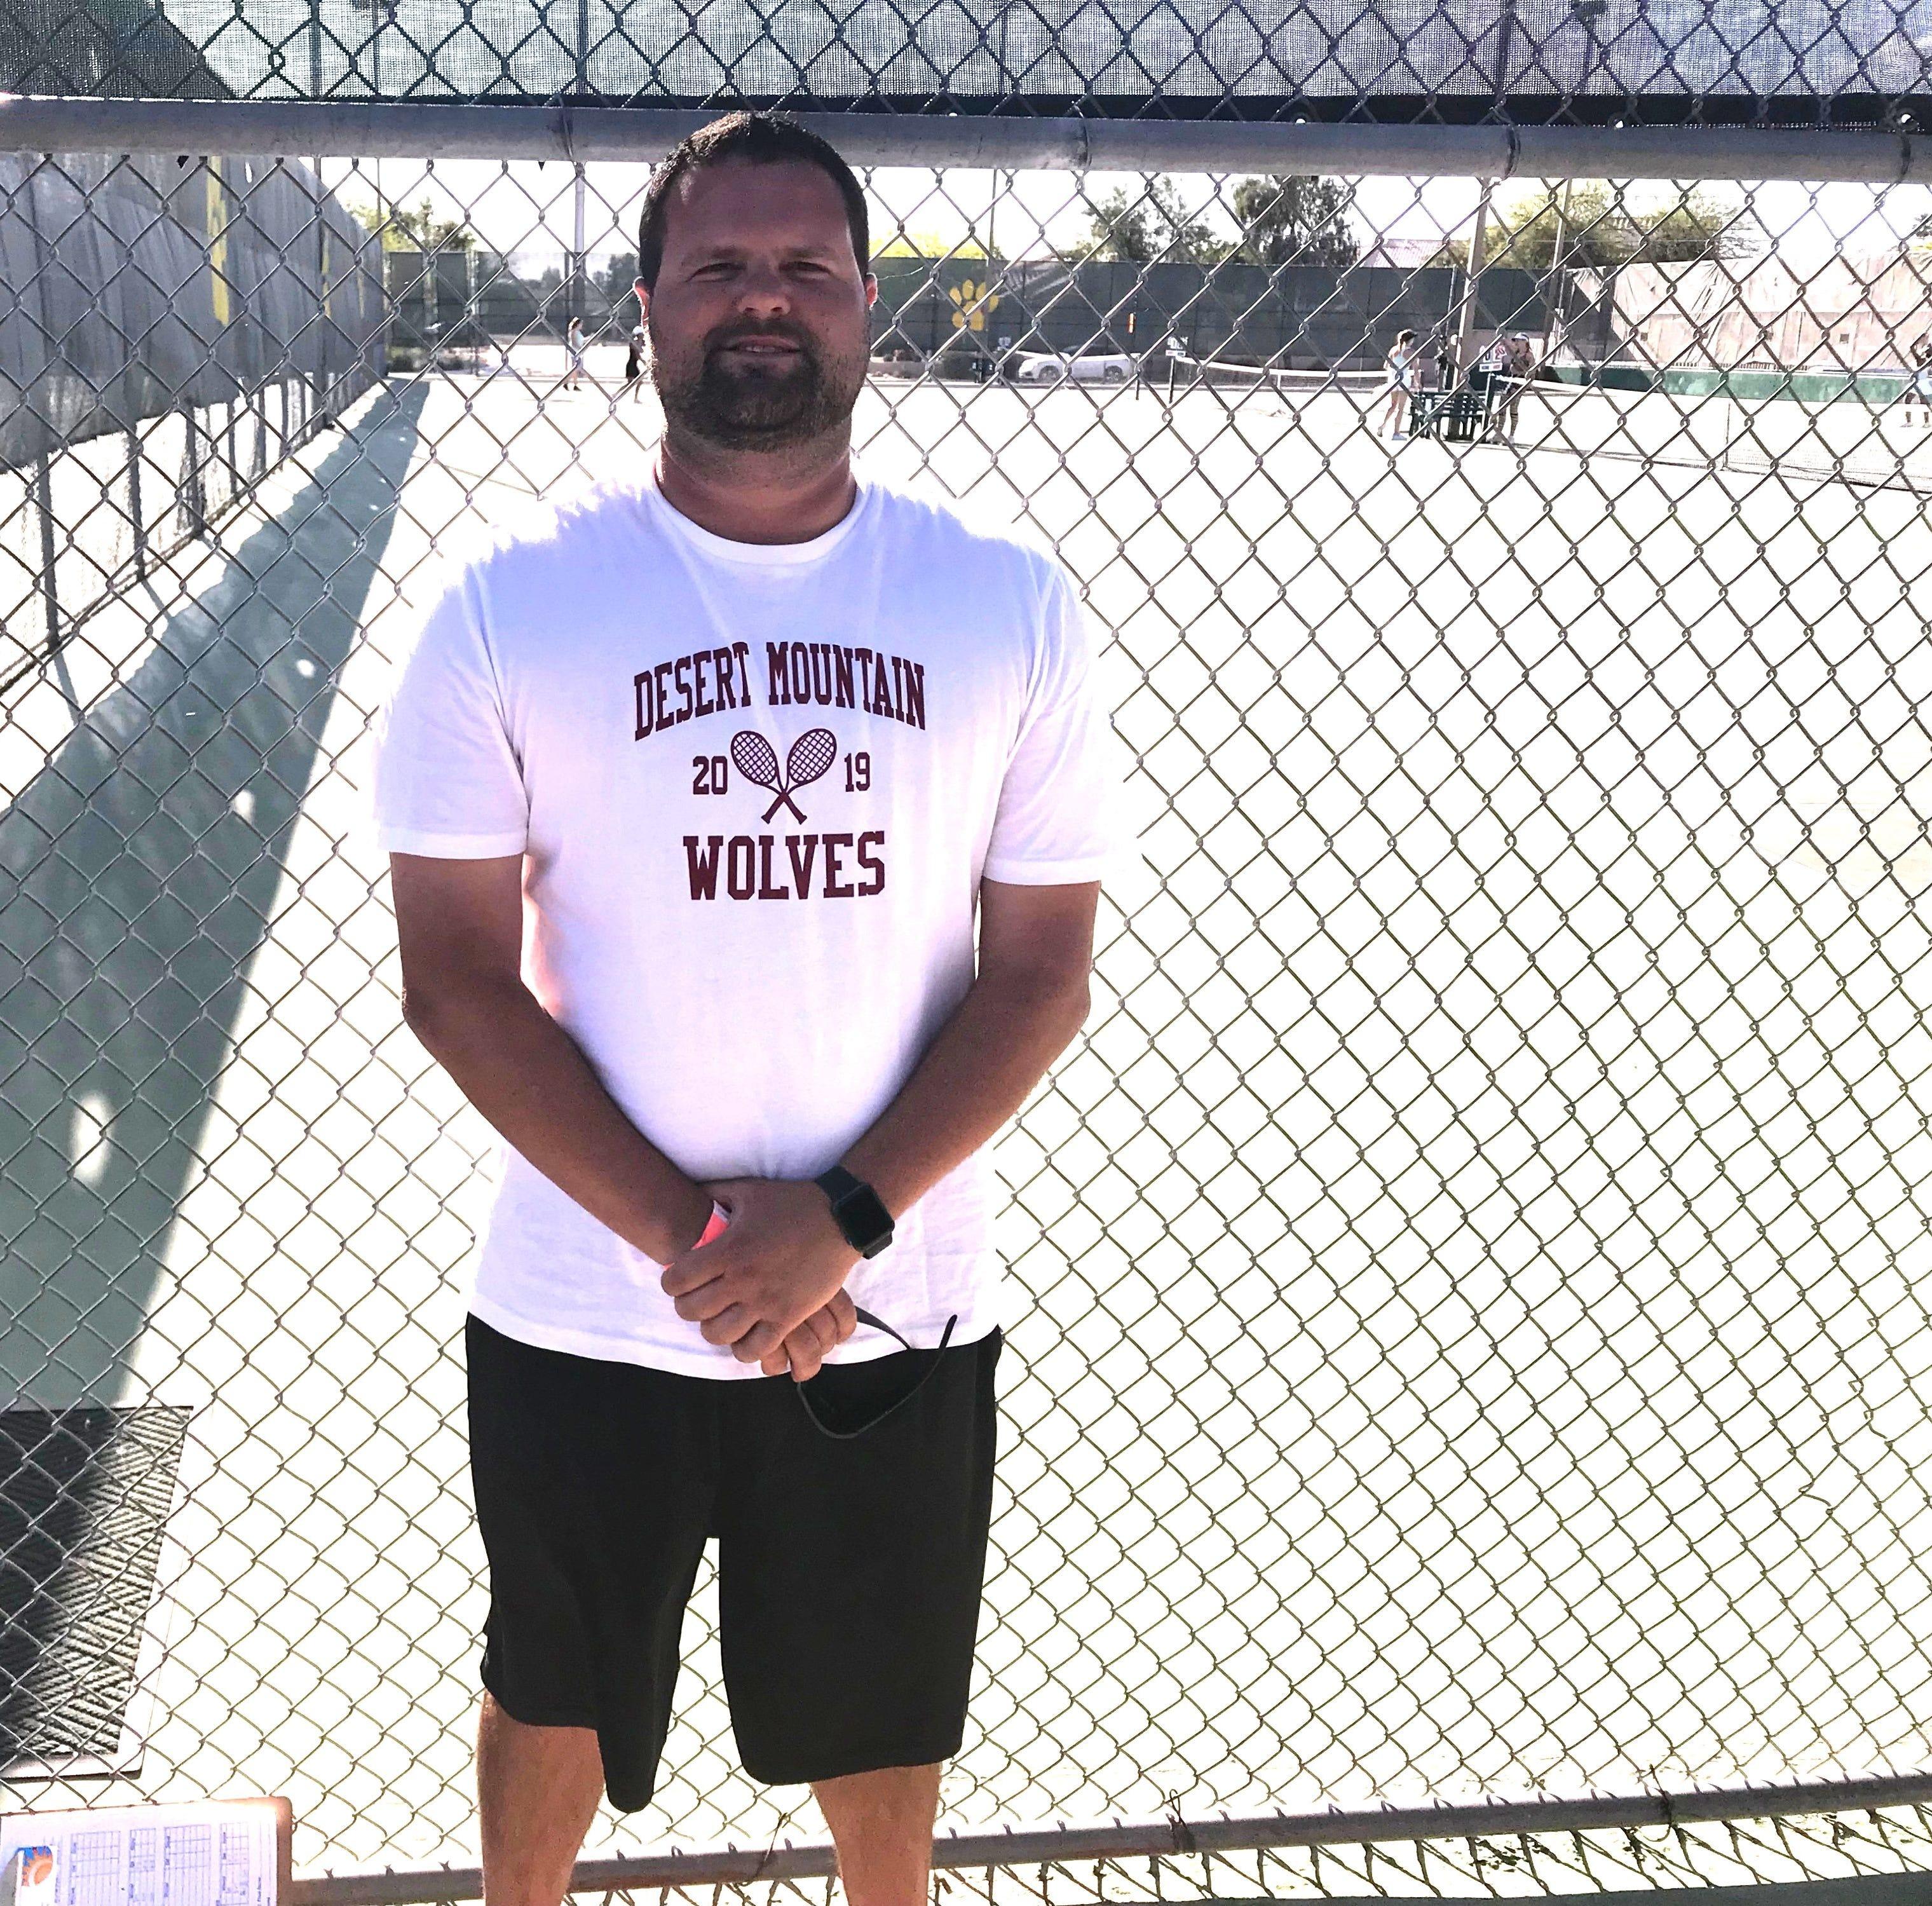 Desert Mountain varsity girls tennis head coach Mark Schumaker